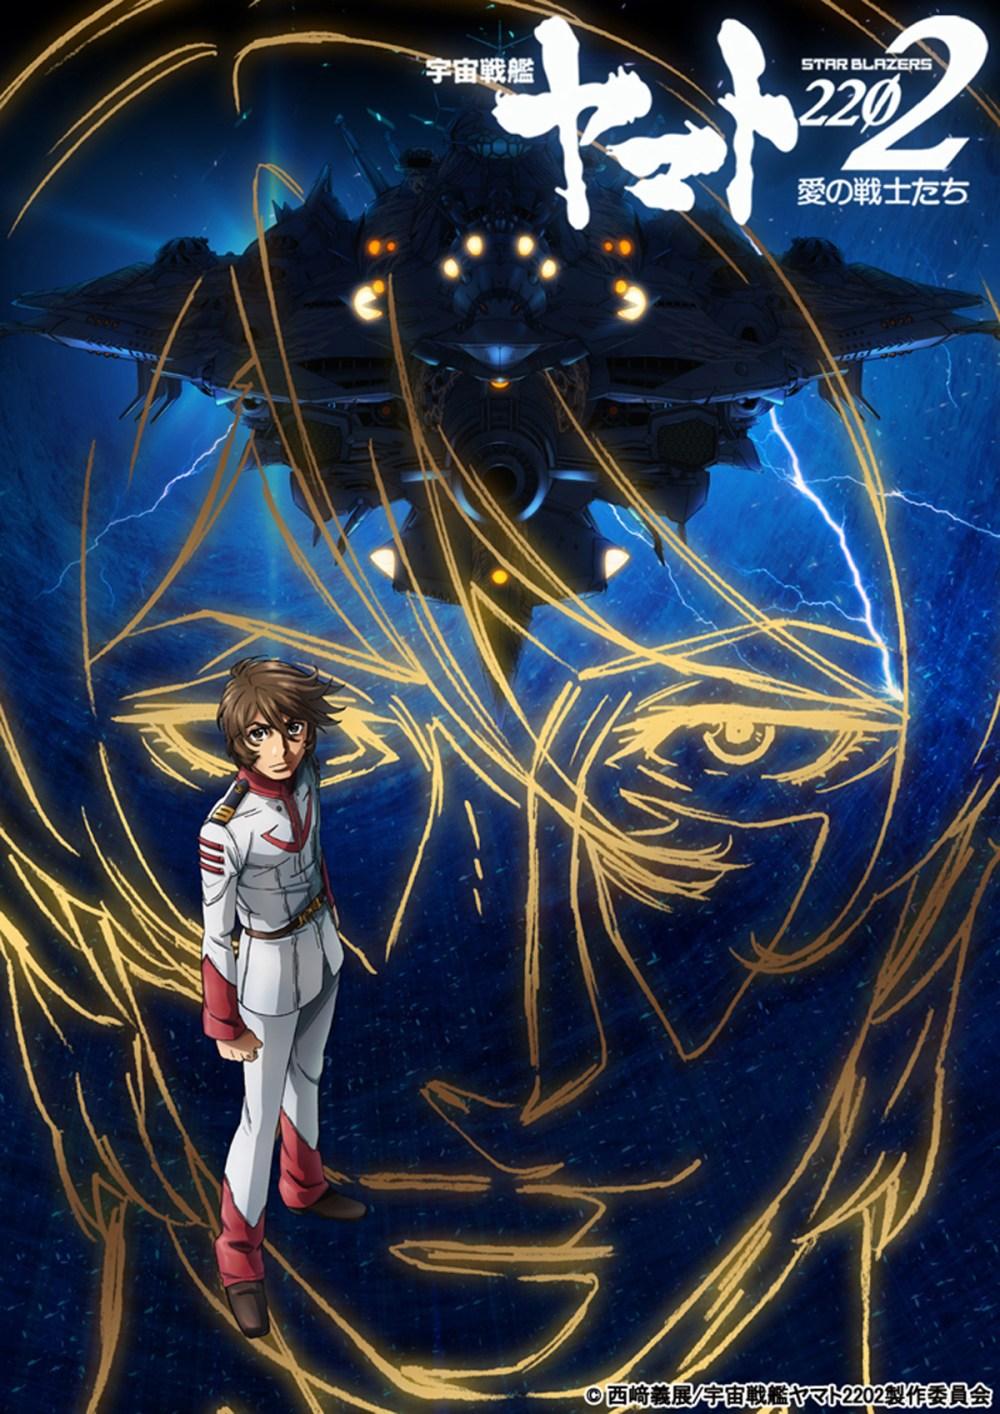 10 minutos de la nueva película de Space Battleship Yamato 2202